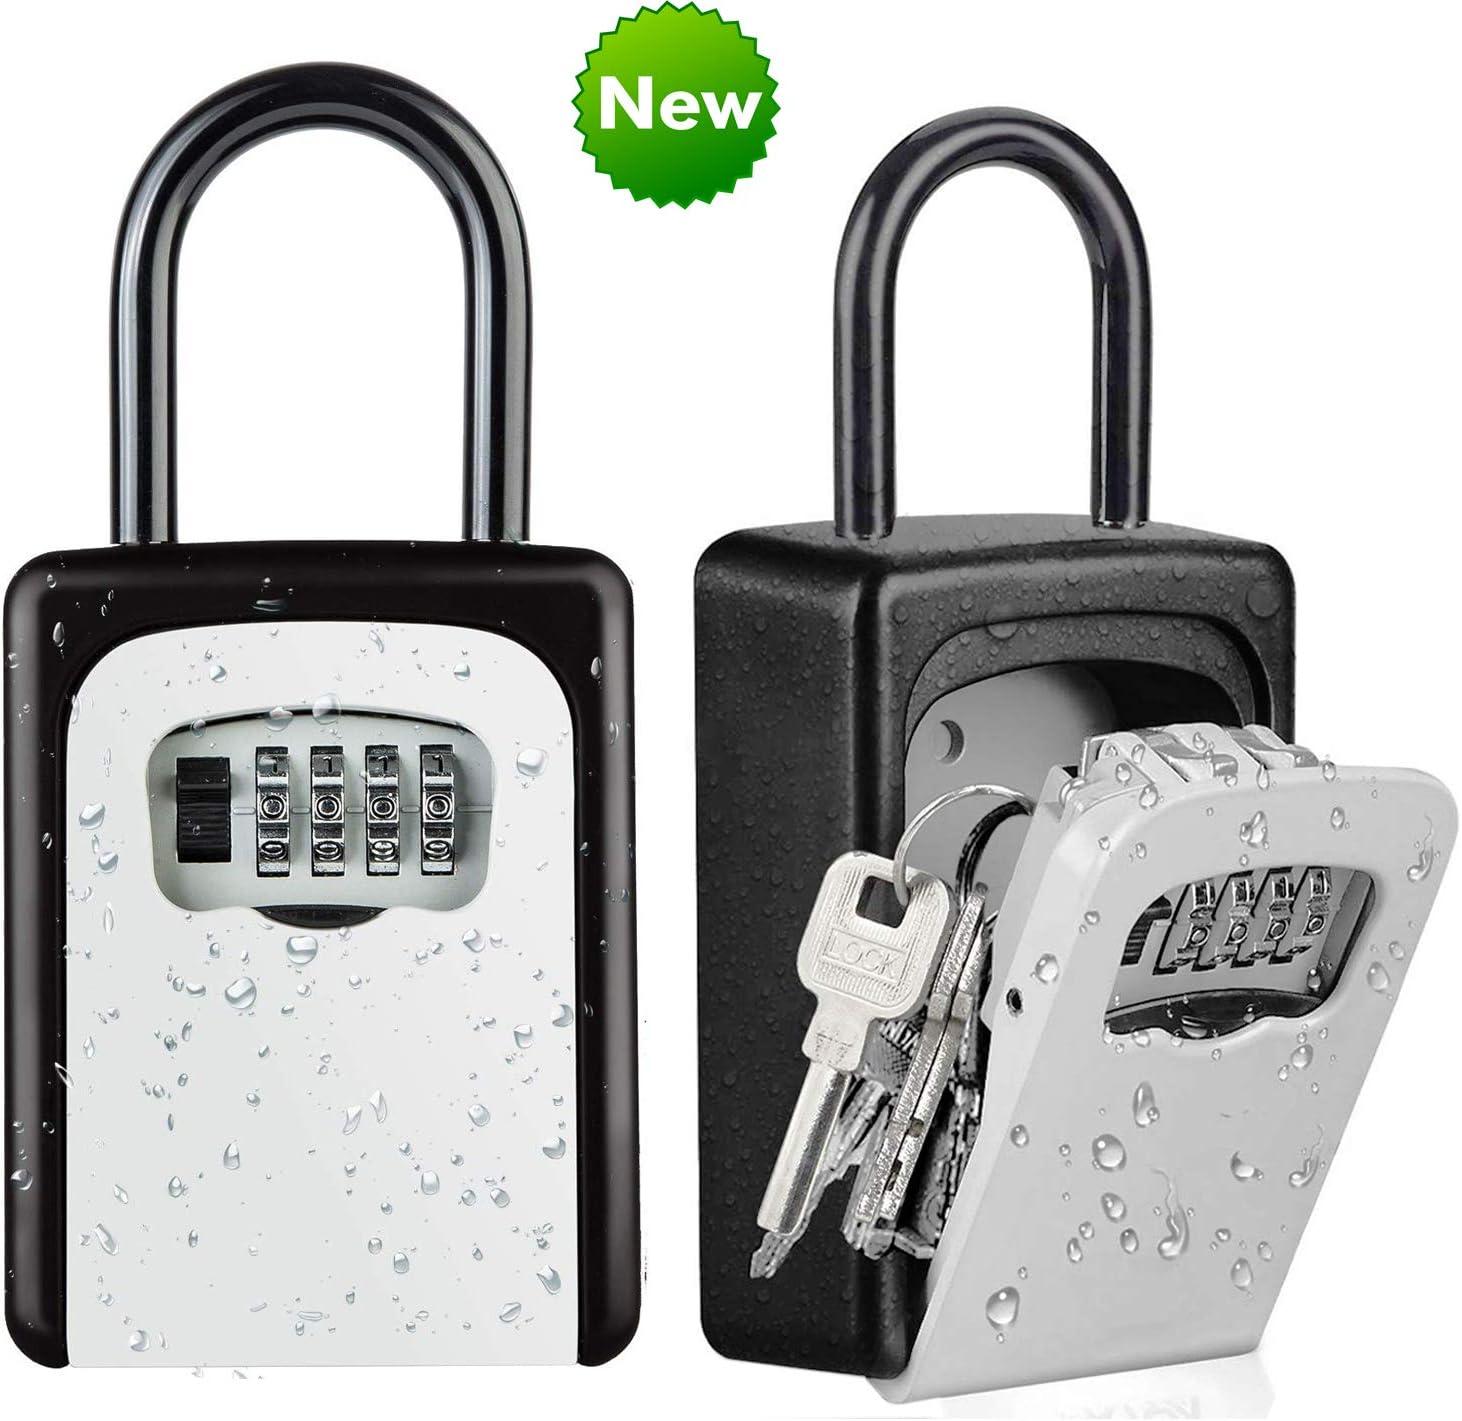 Waterproof Key Safe Heavy Duty Outdoor Secure Wall Mounted Box Lock 4-Digit Lock